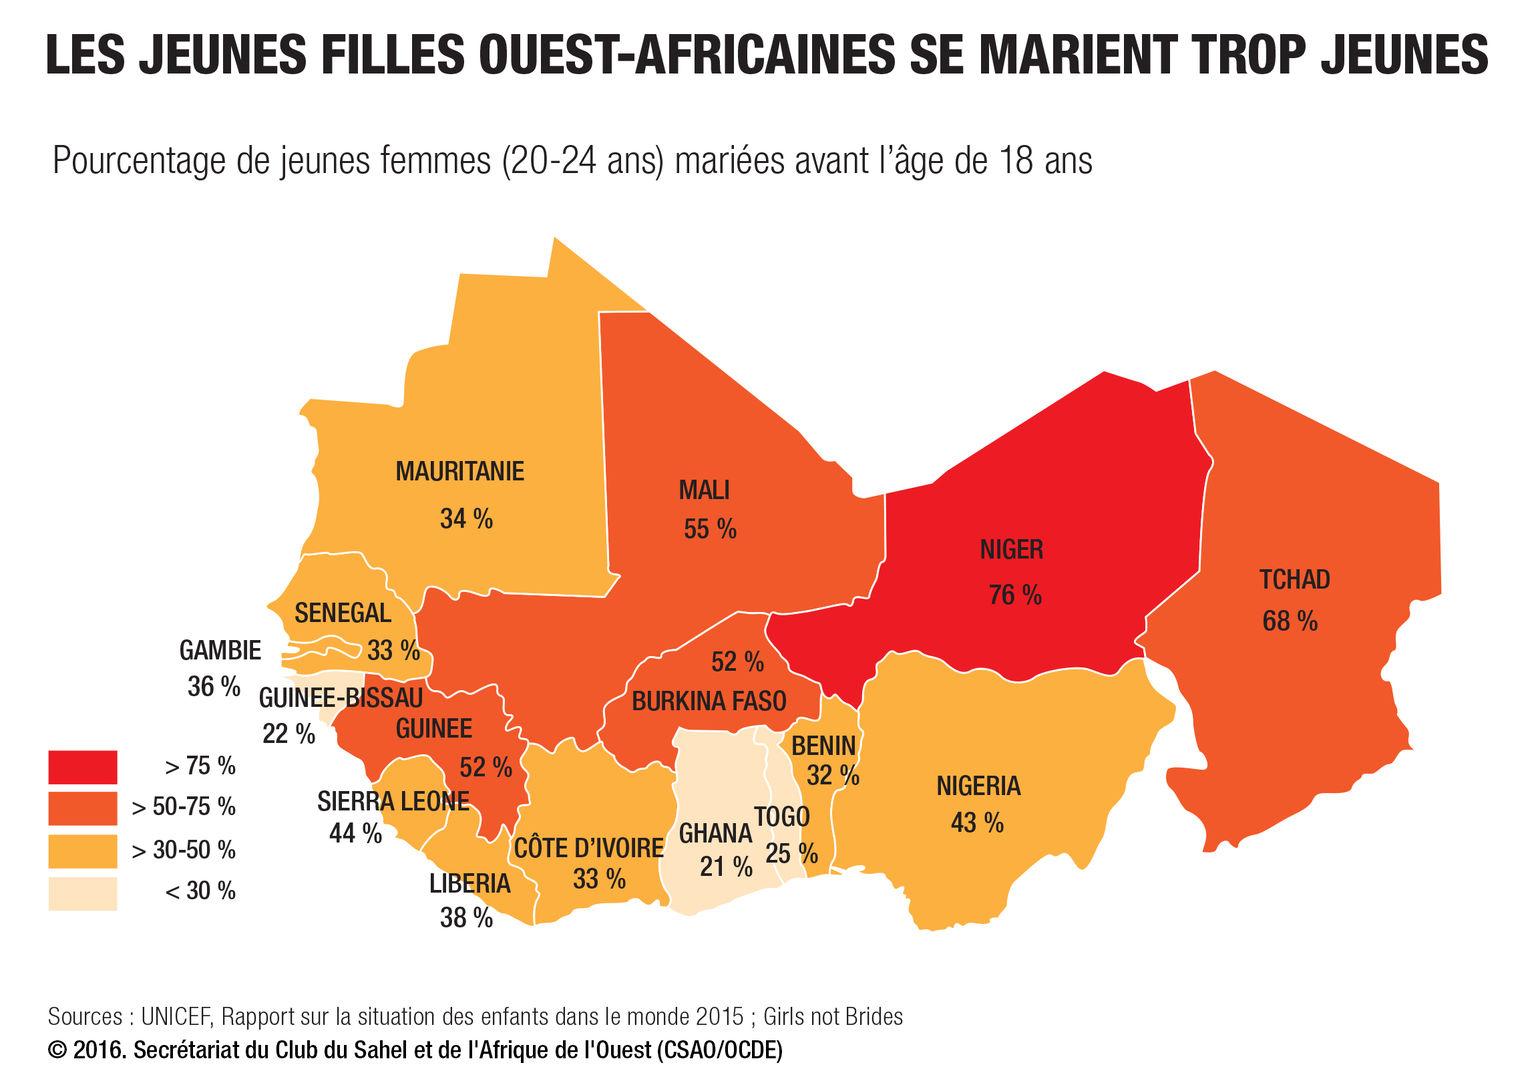 Rencontre femme afrique de l'ouest